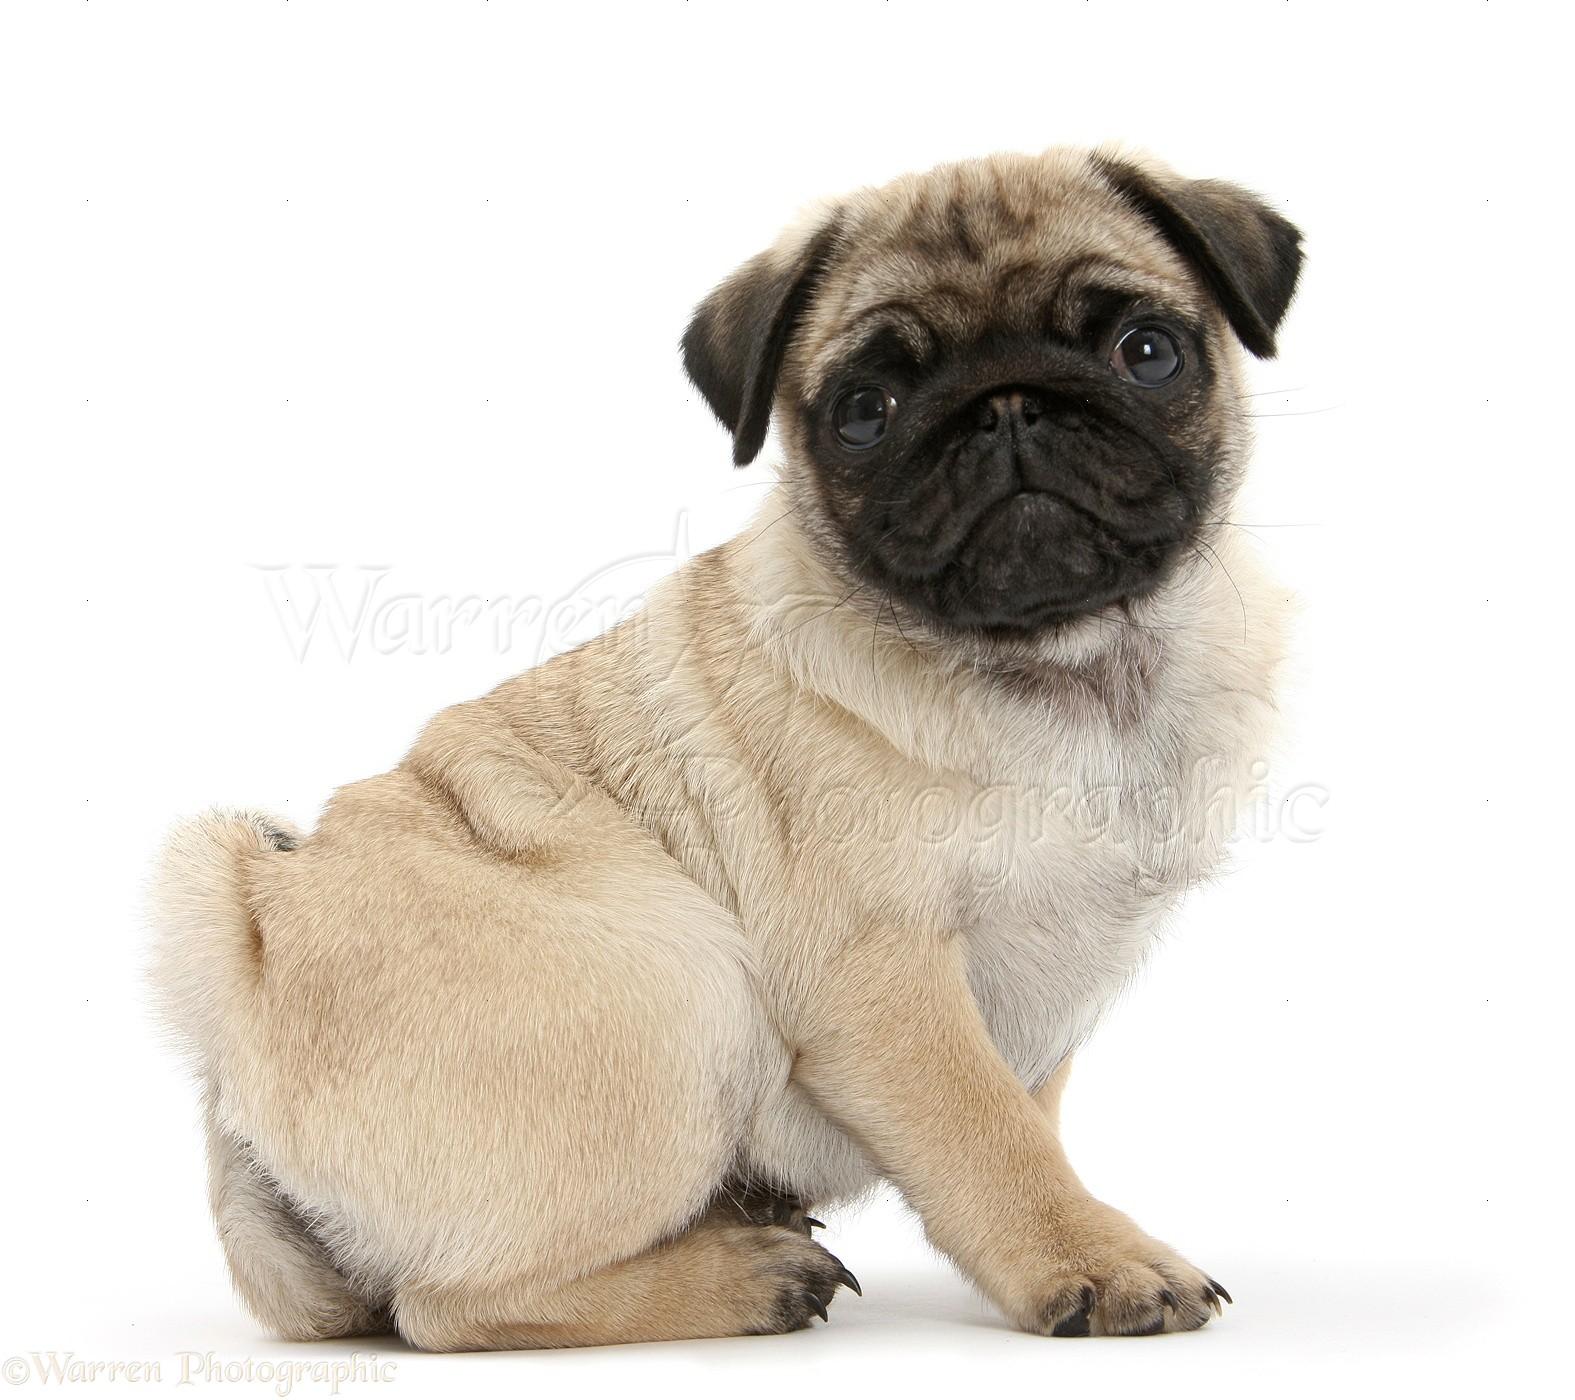 pug puppies #9